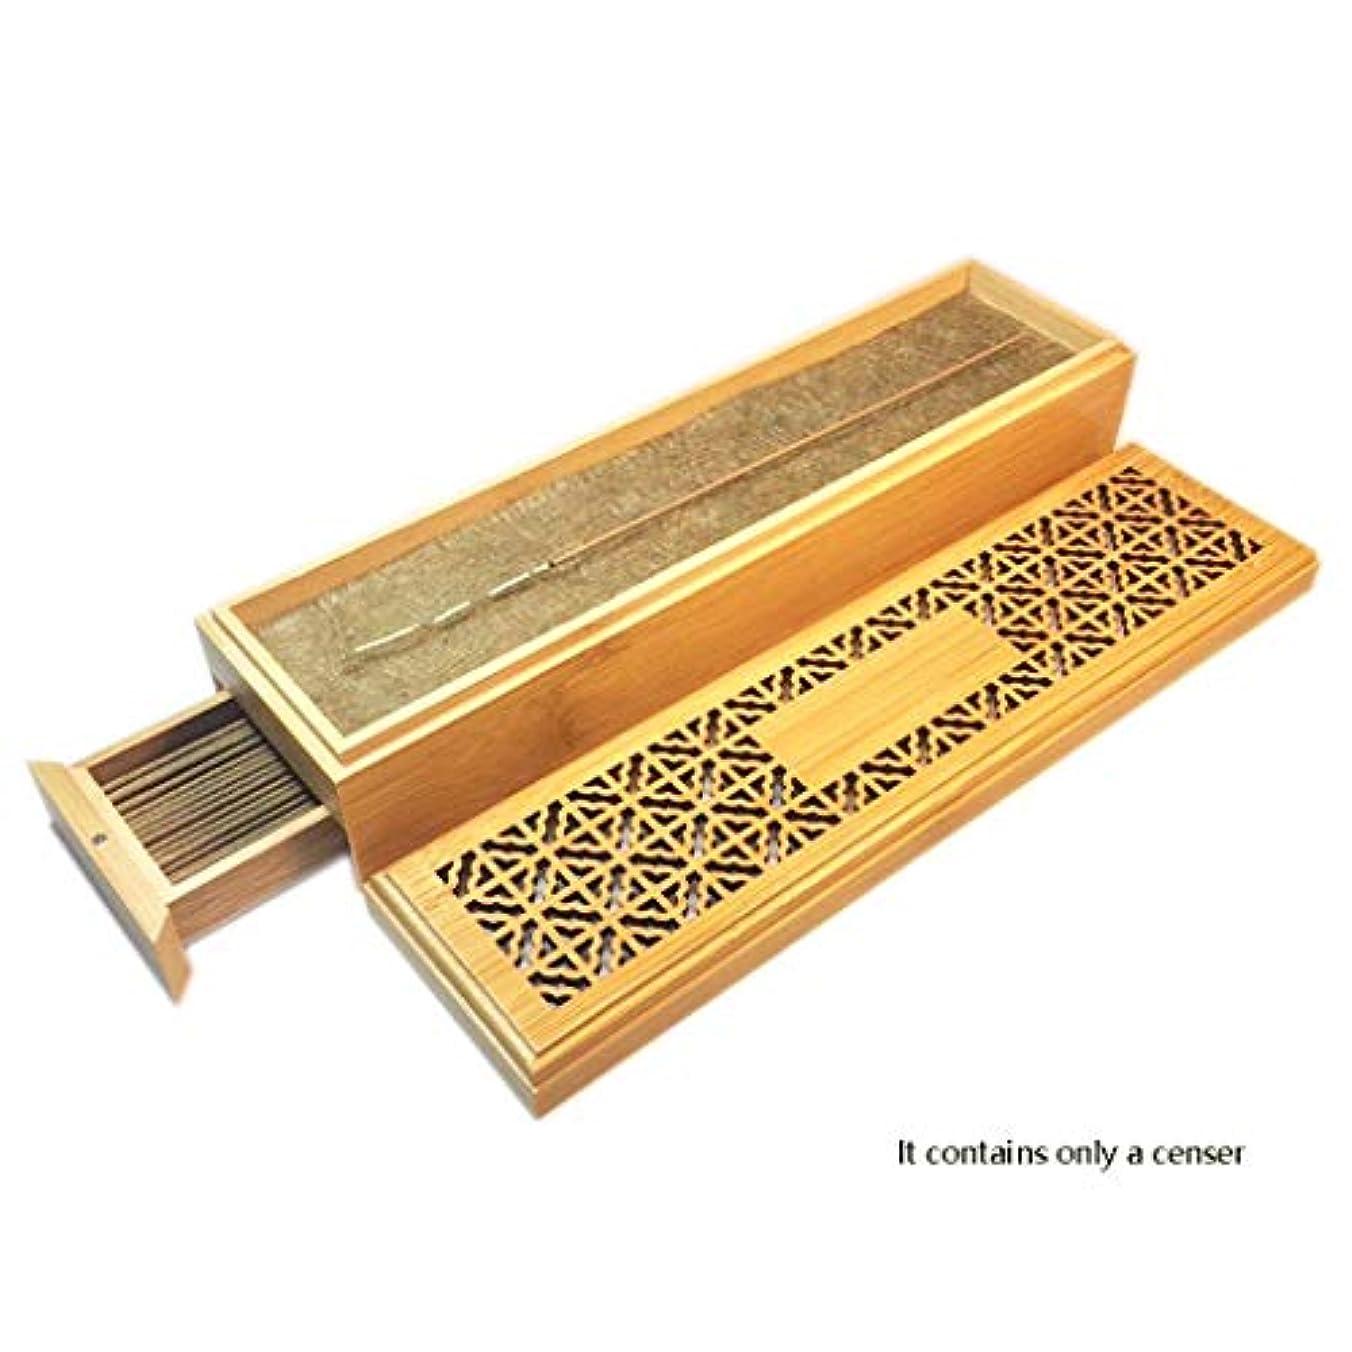 限られた覚醒ドルホームアロマバーナー 竹製お香バーナー引き出し付スティック収納ボックス中空木製ケースボックスIncensoスティックホルダー 芳香器アロマバーナー (Color : Natural)